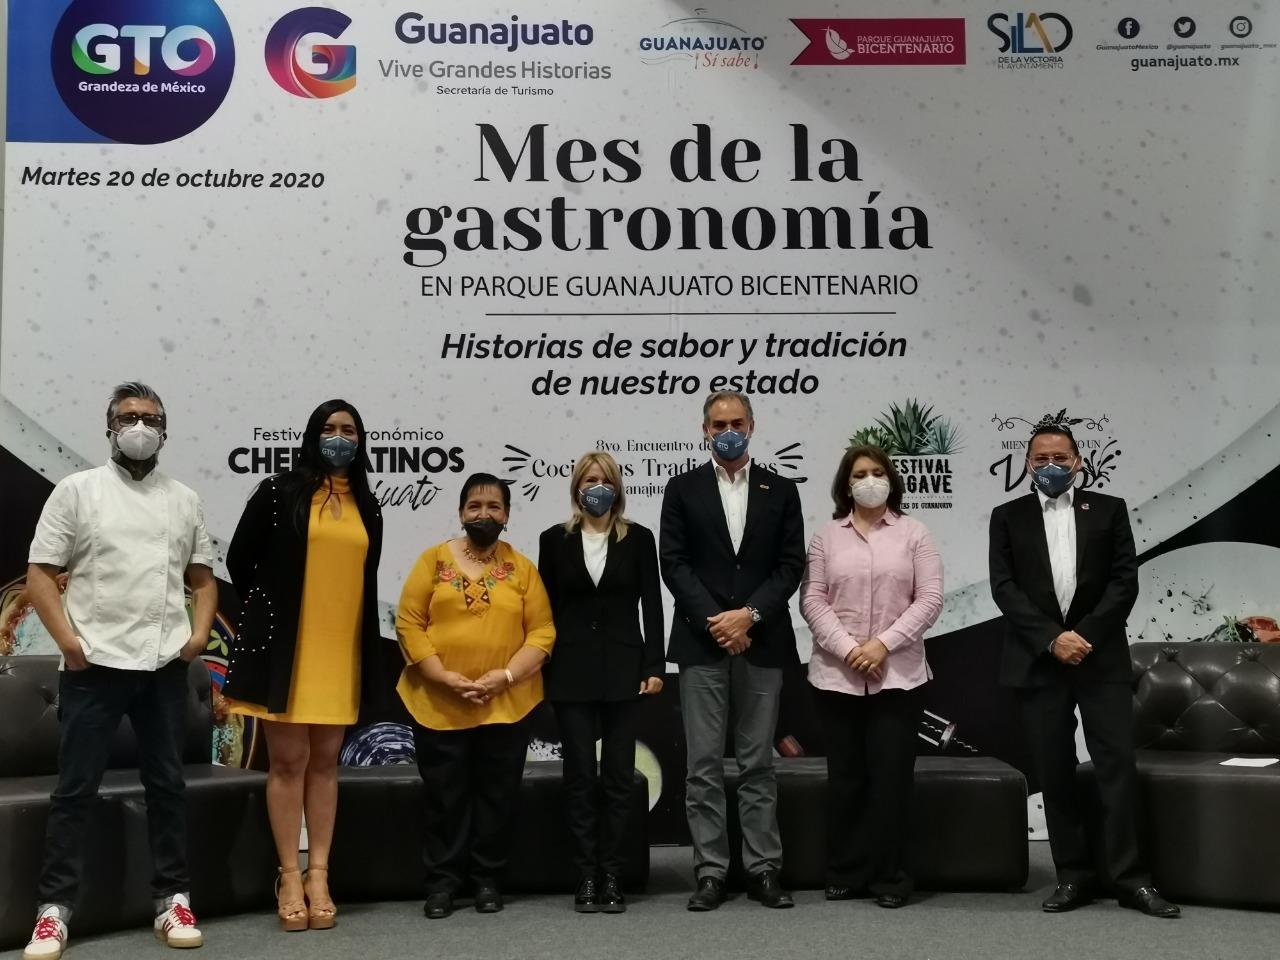 Invitan al Mes Gastronómico en Parque Guanajuato Bicentenario